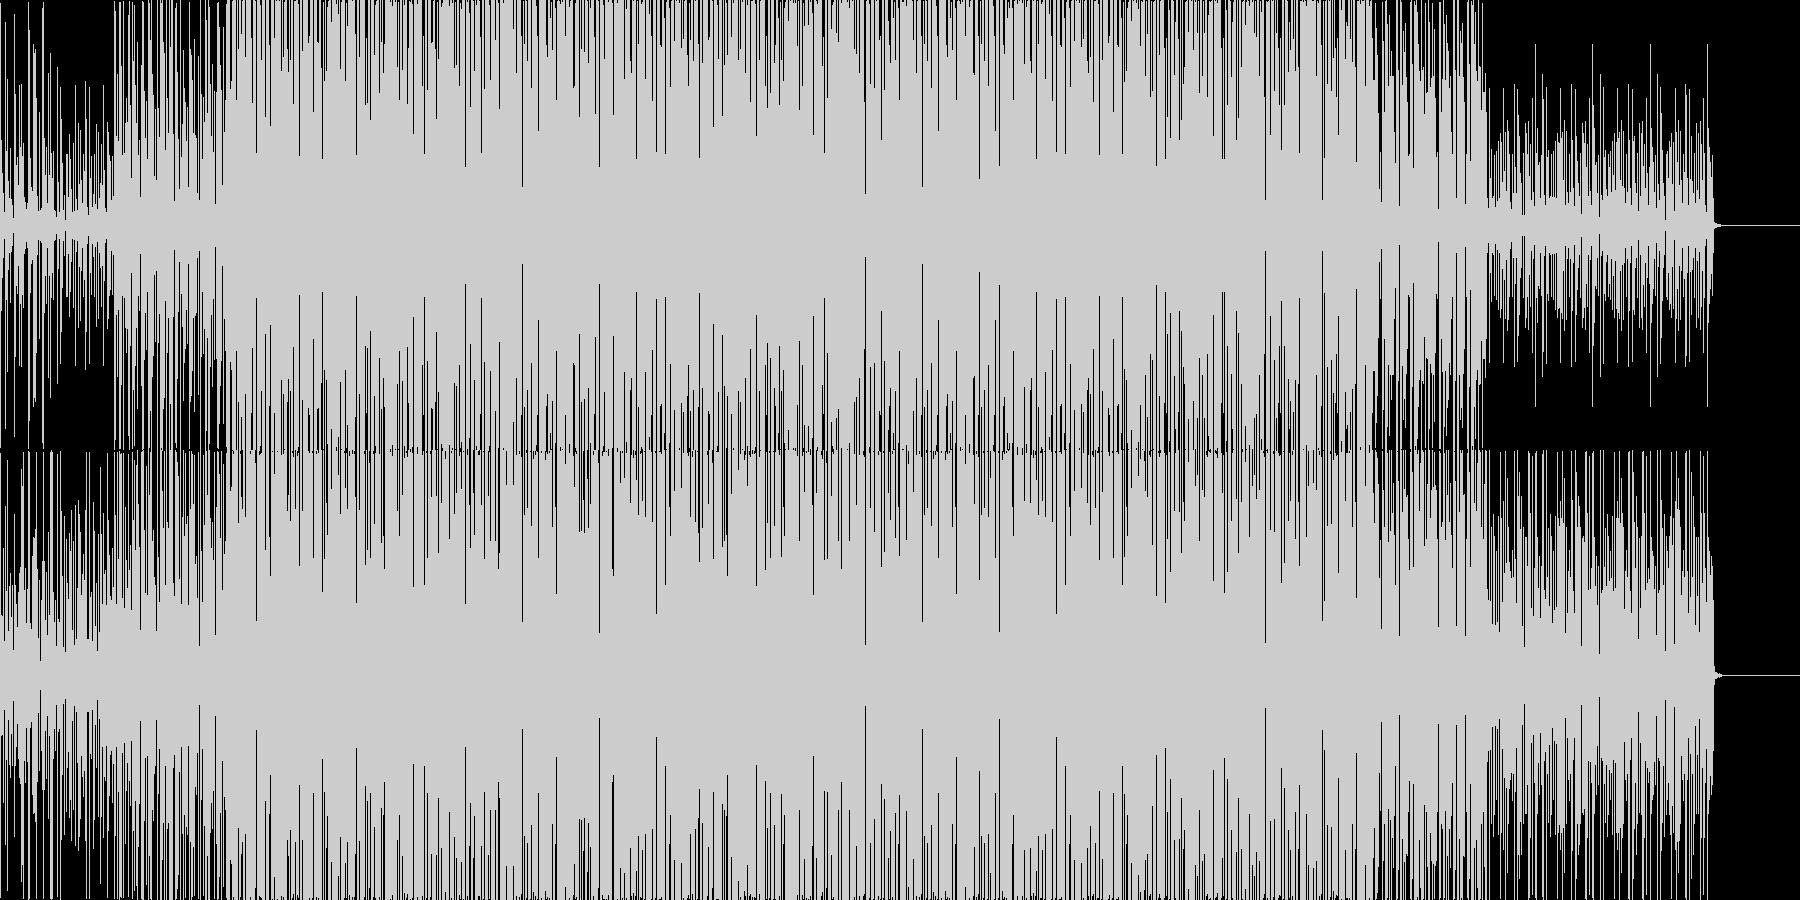 【高クオリティ】ジャングル・森林の冒険の未再生の波形